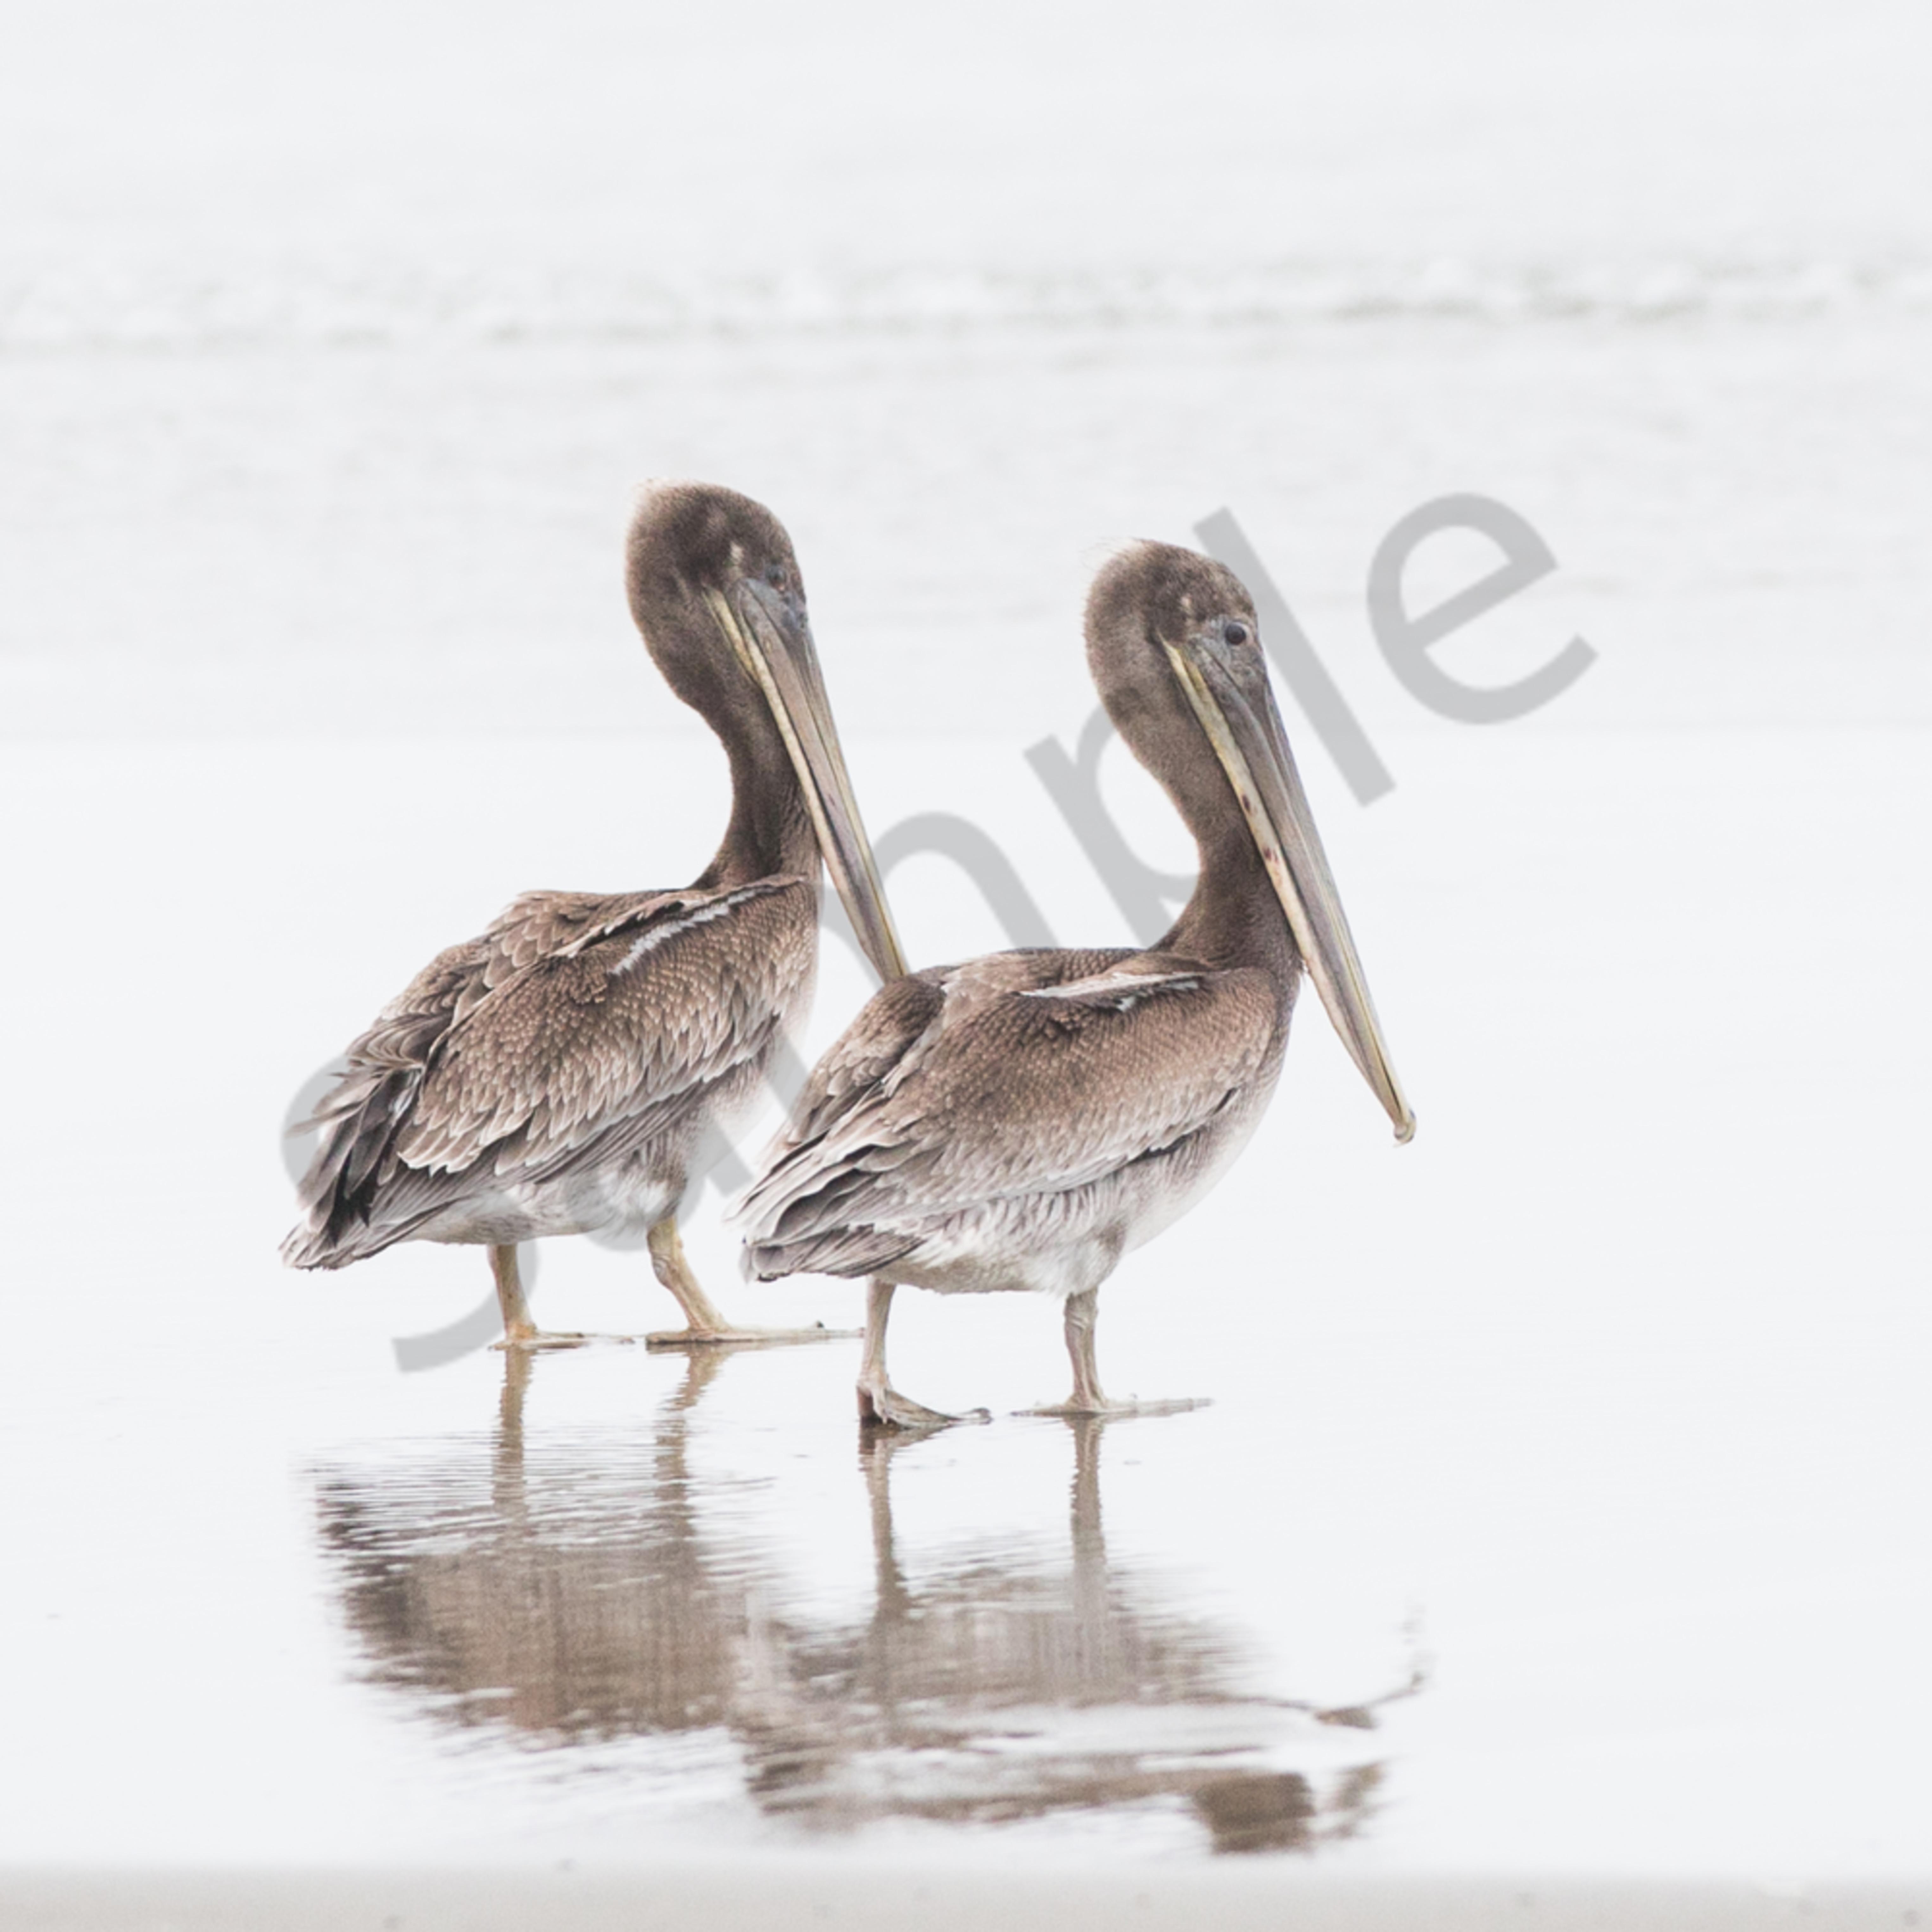 Pelicanduo uliofe